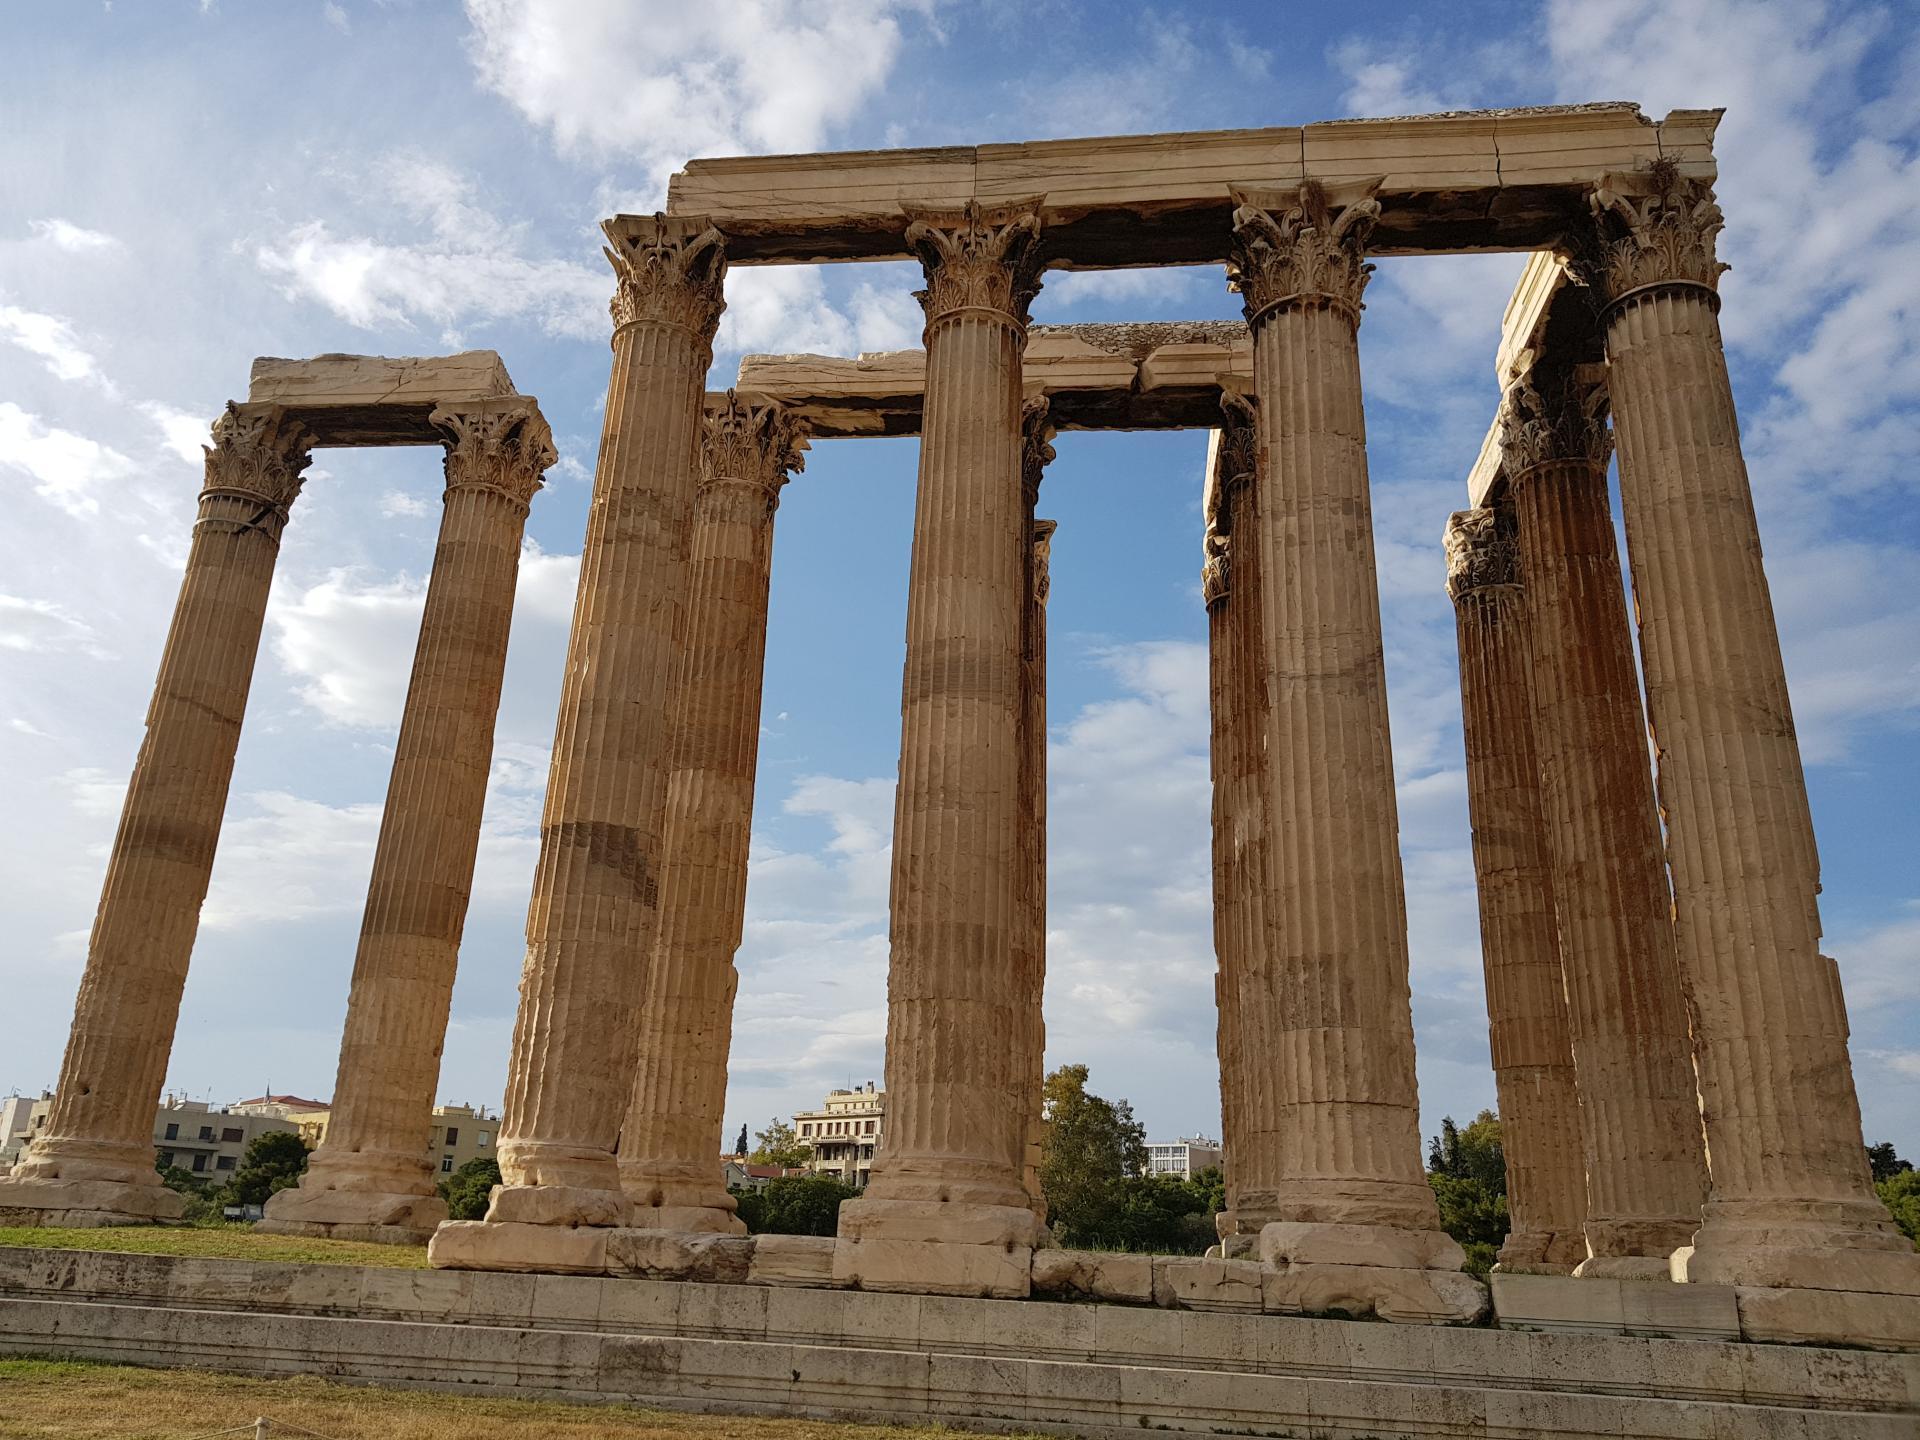 колонны храма Зевса Олимпийского, Афины